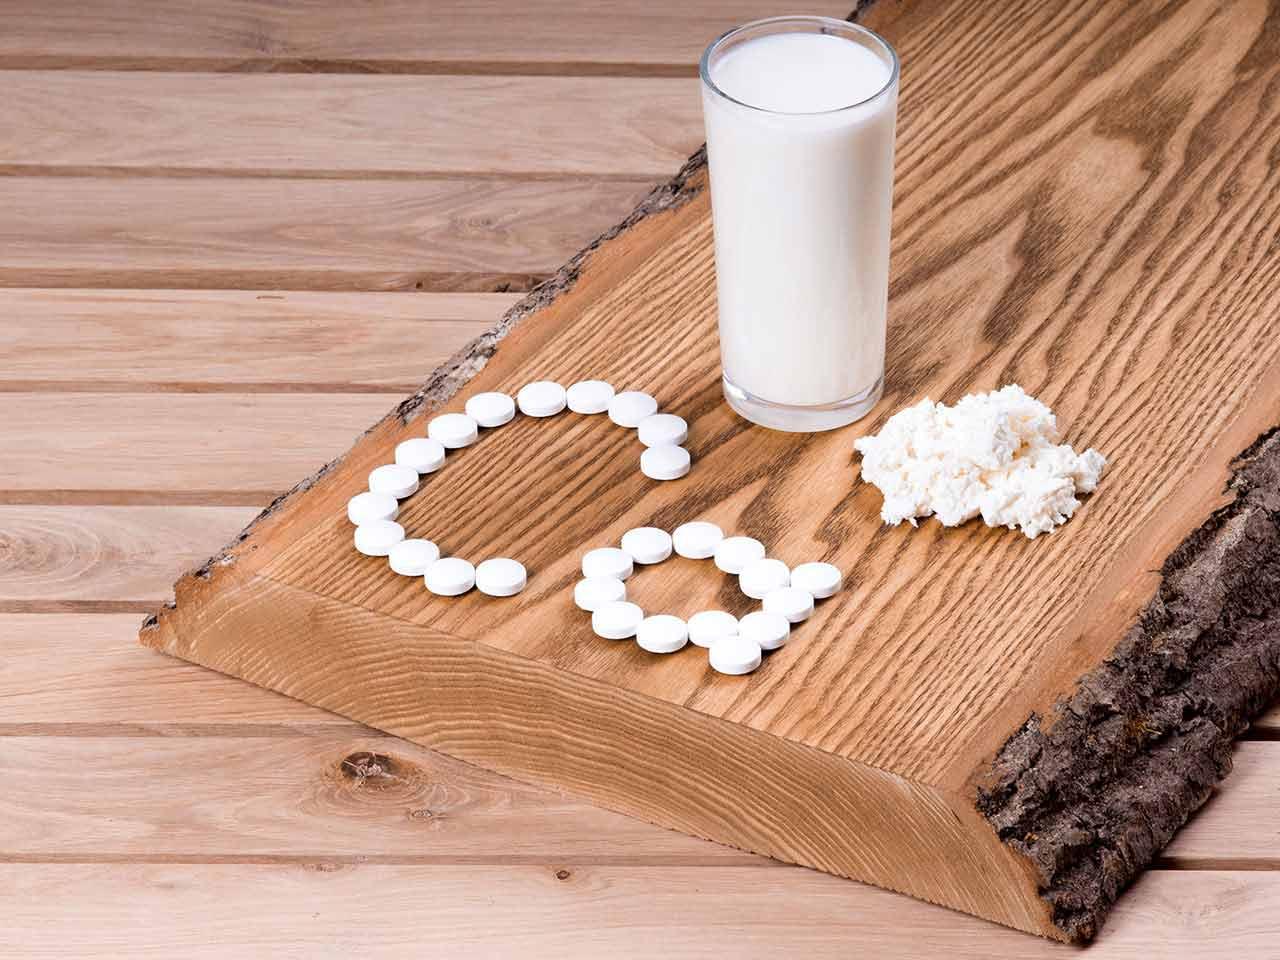 При артроза се препоръчва допълнителен прием на храни и добавки, съдържащи калций